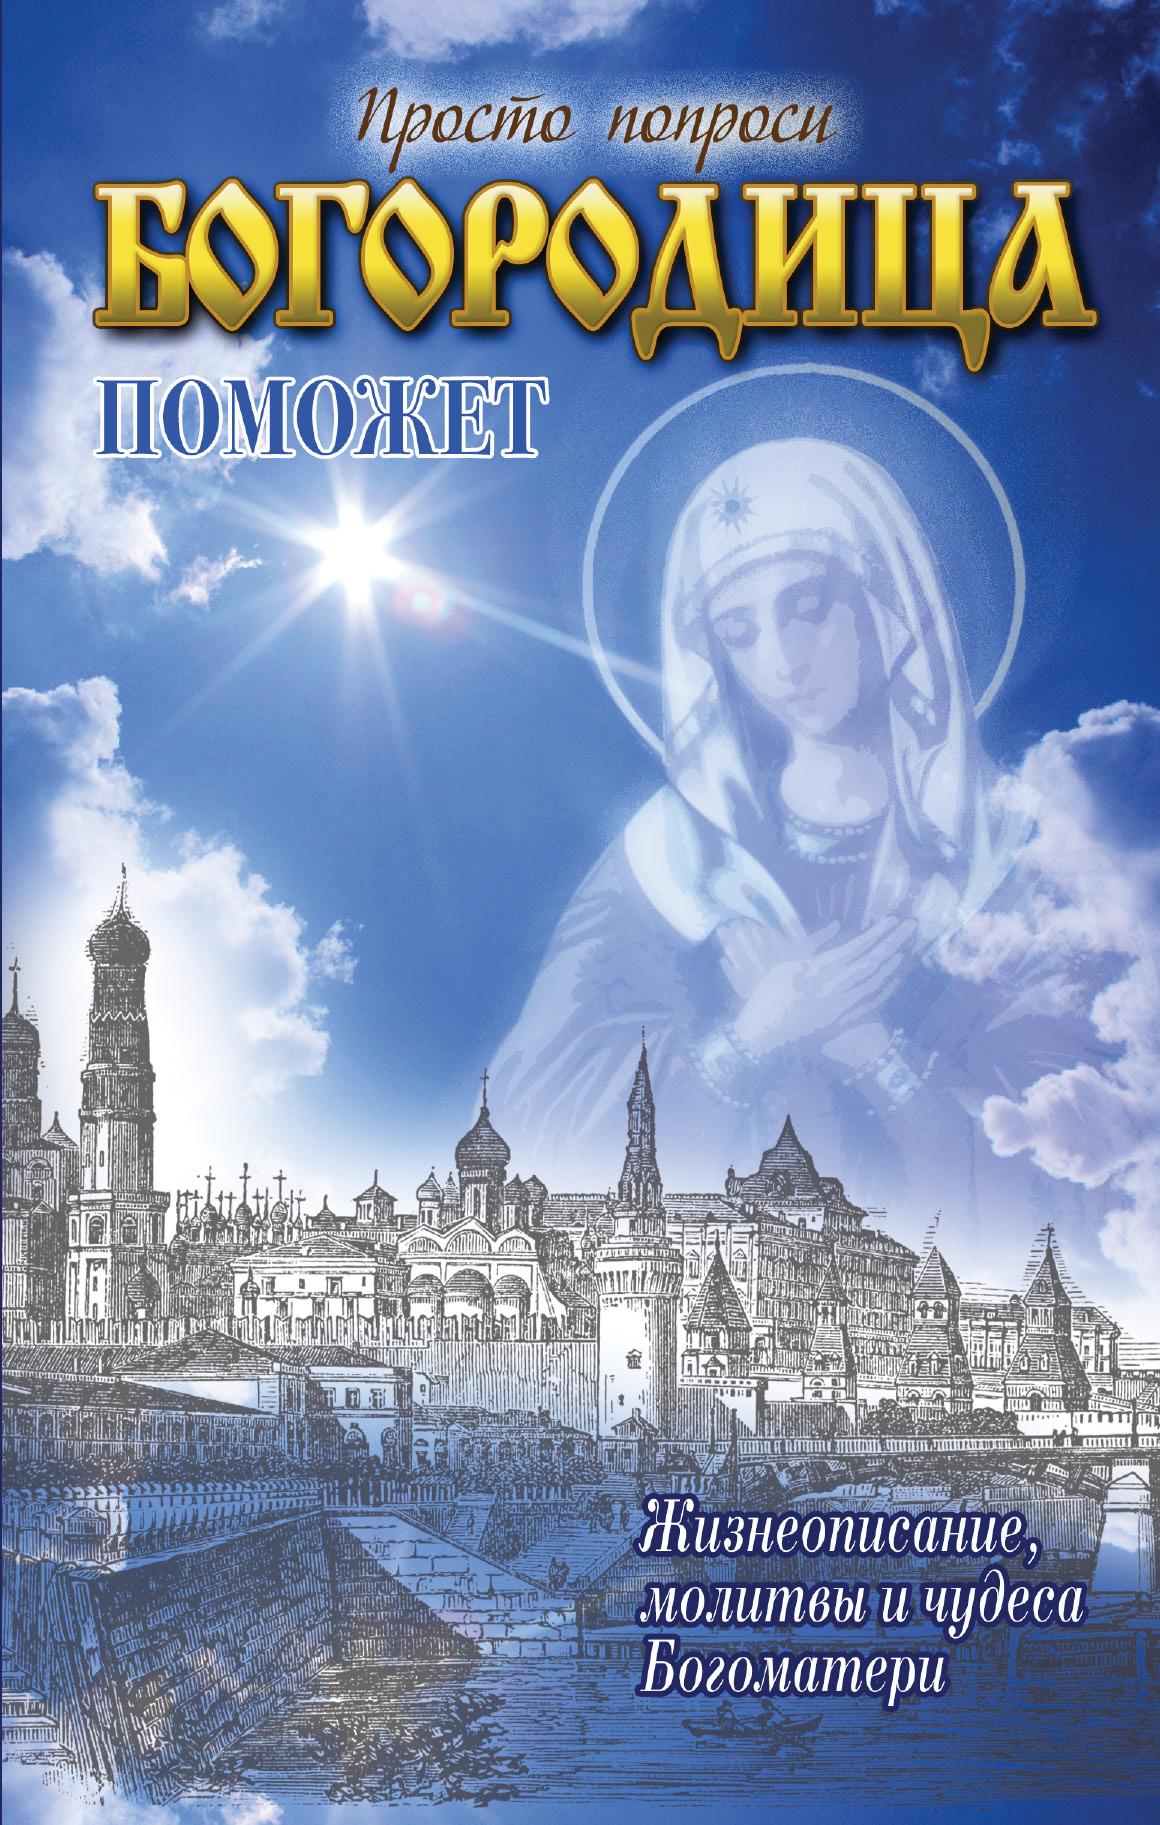 Кузина С.В. Богородица поможет иконы urazaev shop панно маленькое пресвятая богородица